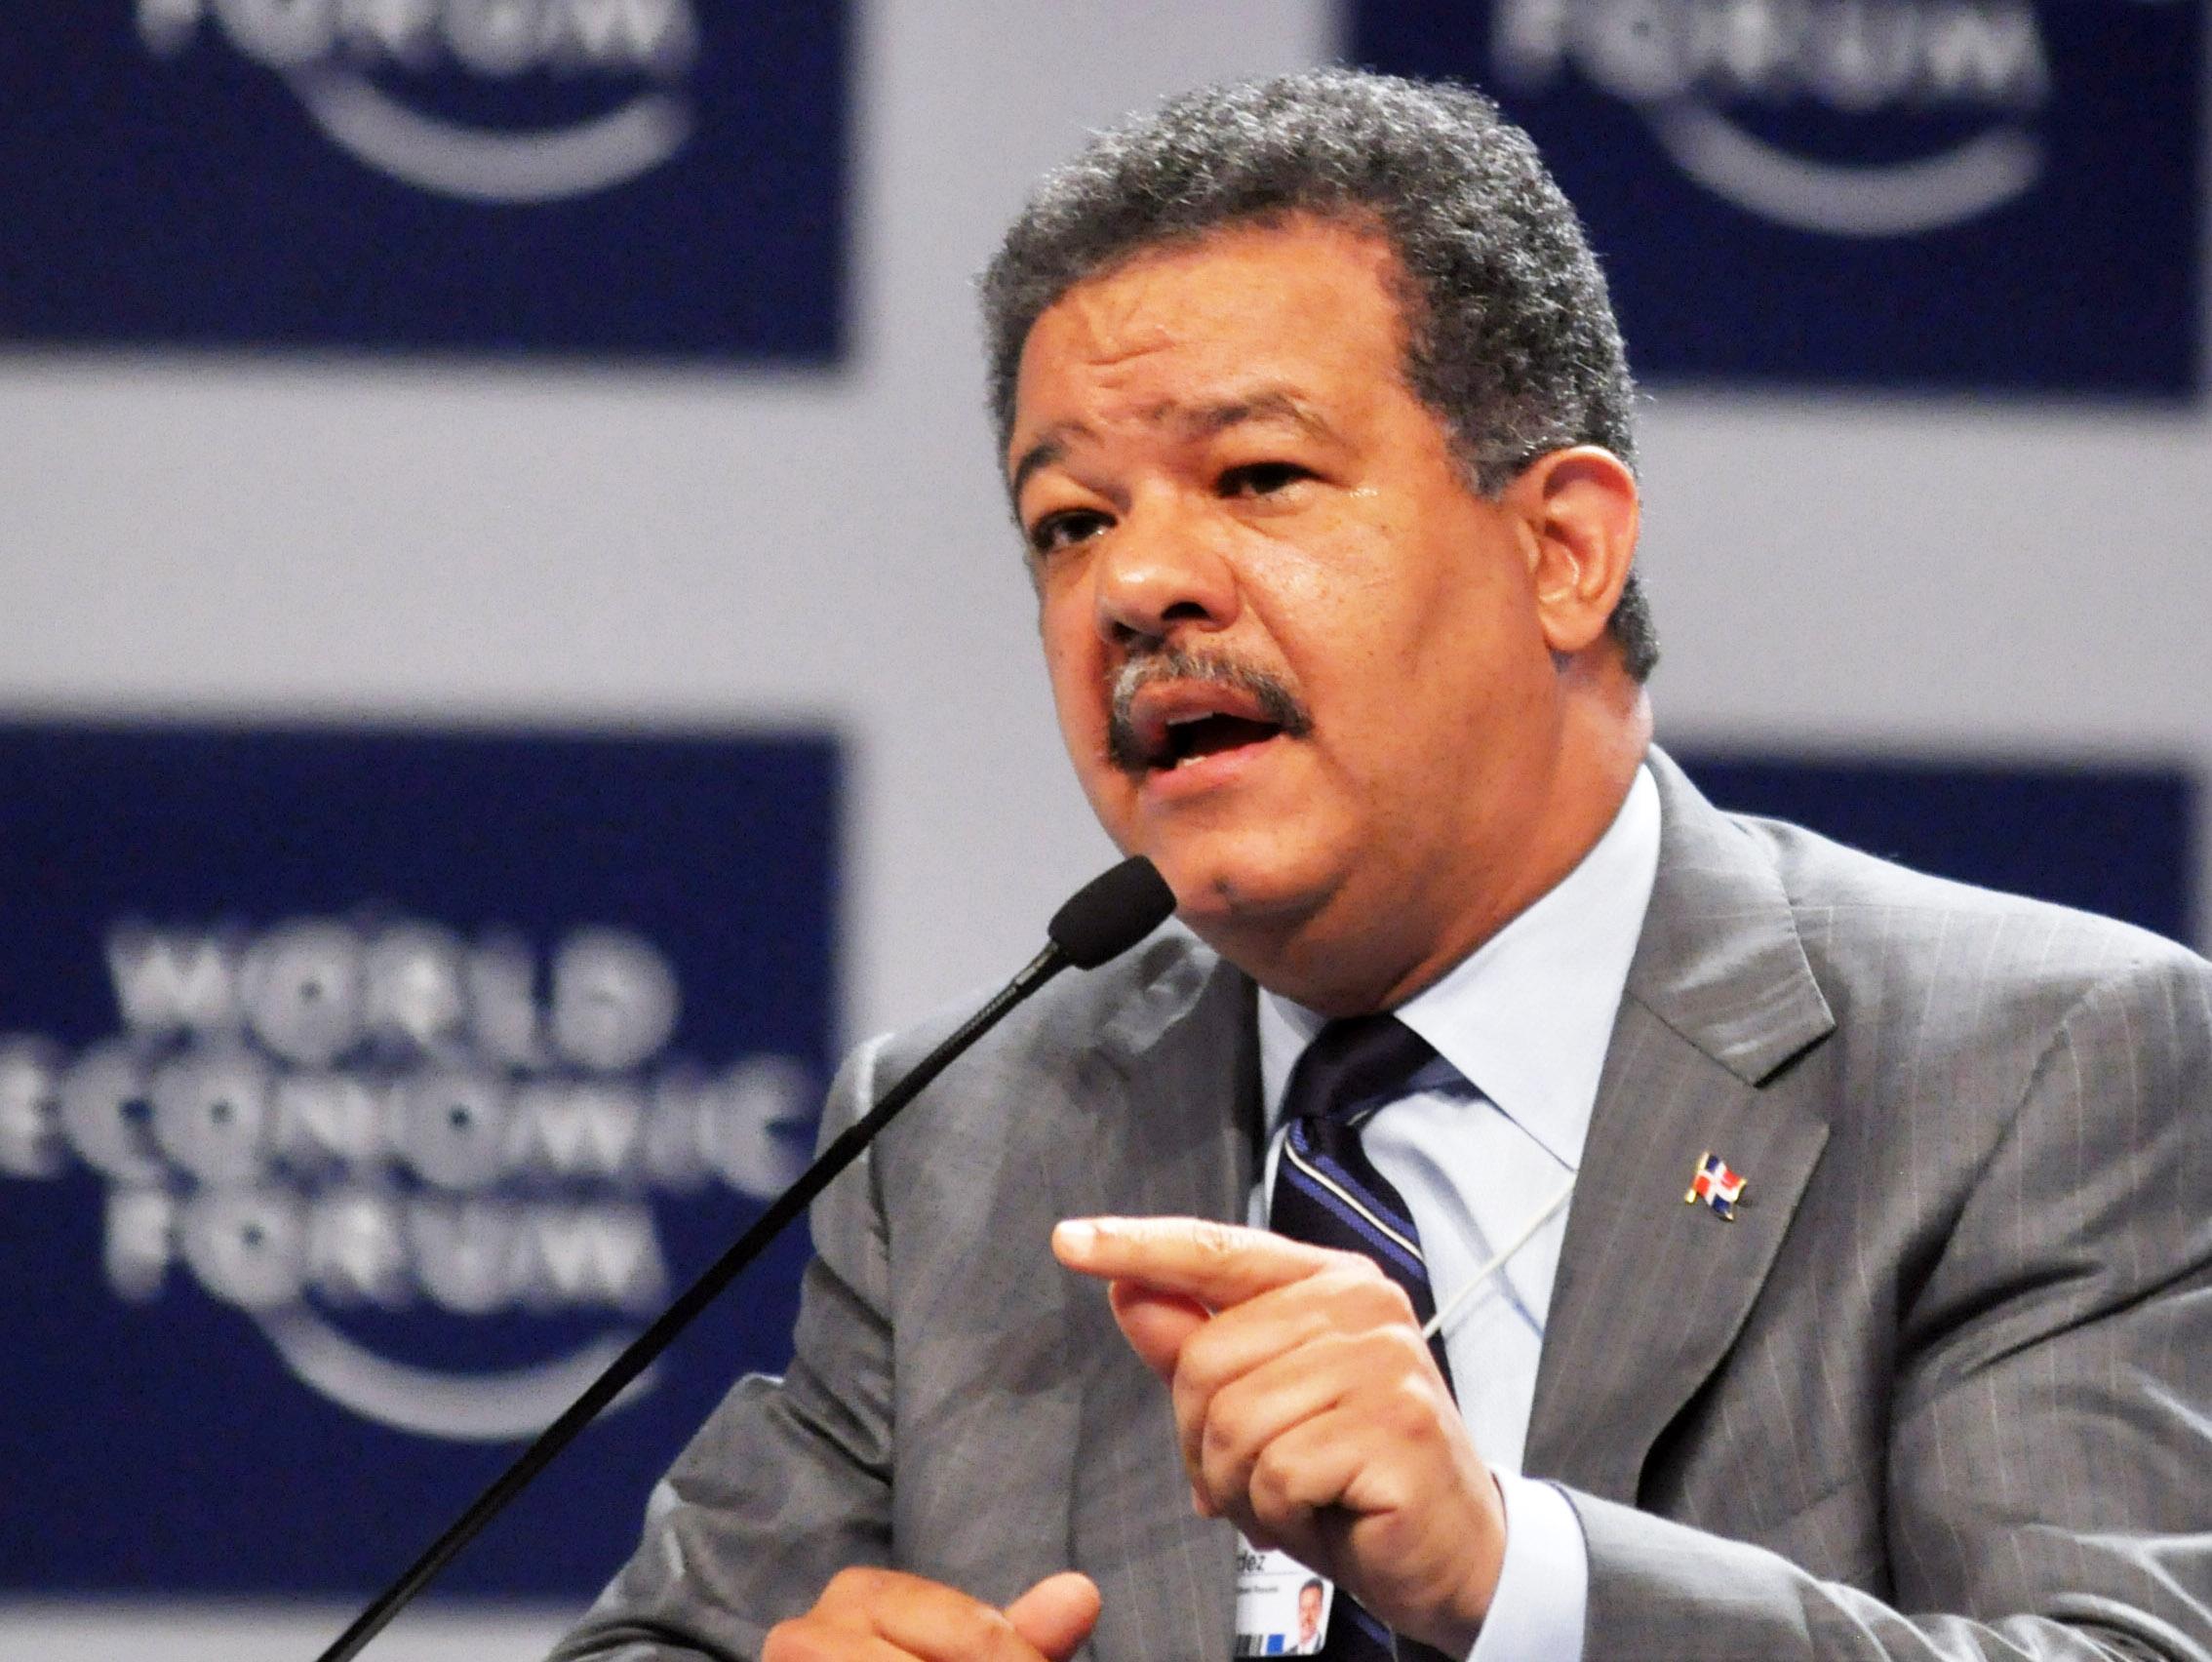 LF dictará conferencia este domingo en Santiago sobre volatilidad en precios del petróleo y alimentos